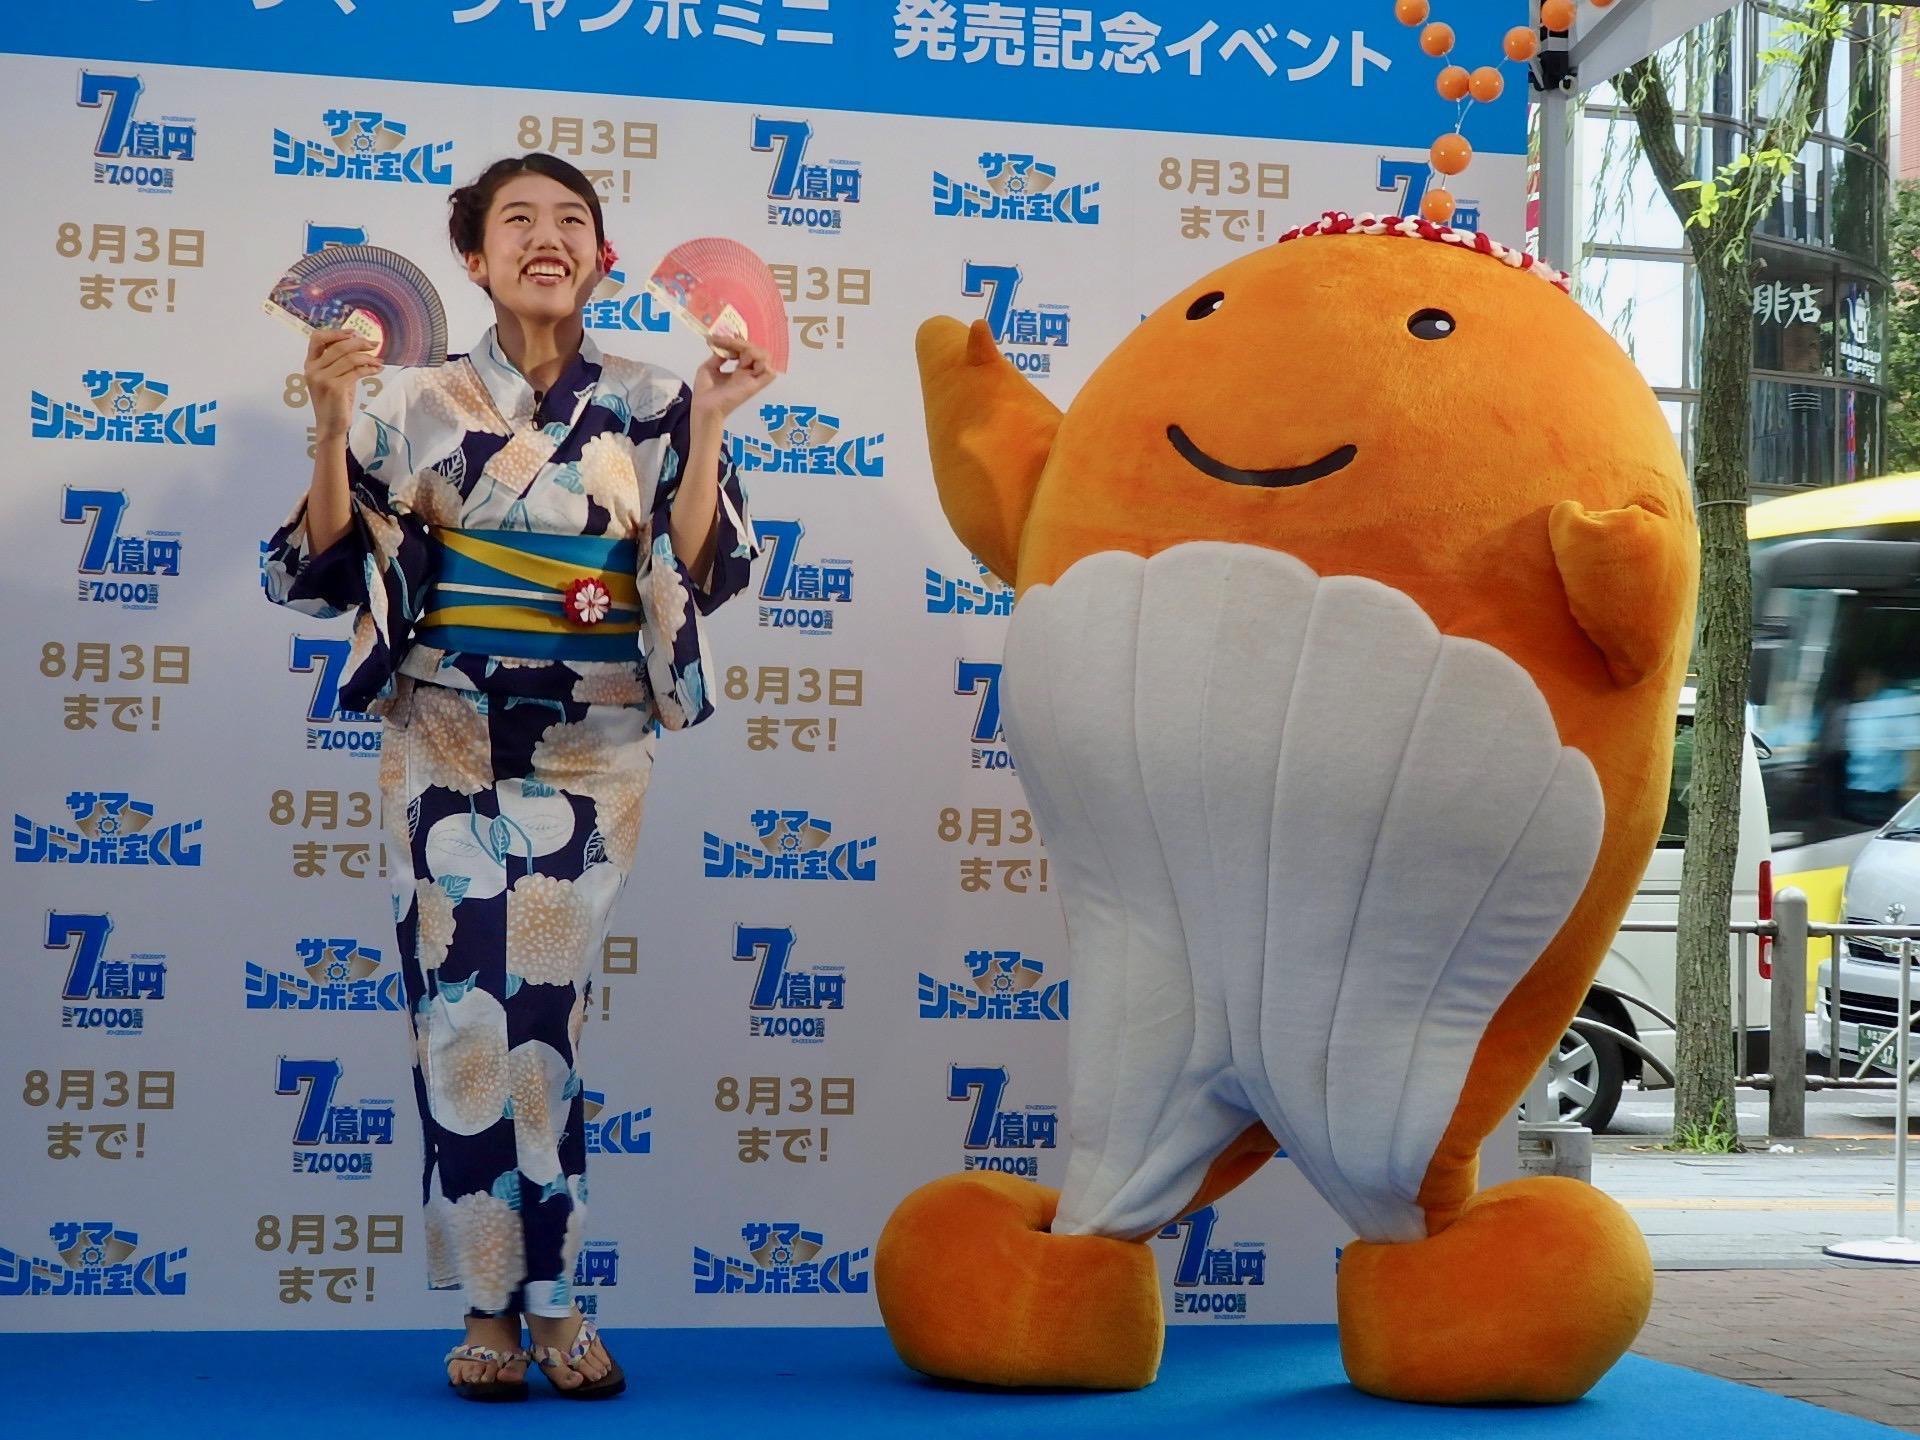 http://news.yoshimoto.co.jp/20180709203137-8b6492e1fc7a0609c048028491f151e2cb486dbf.jpg